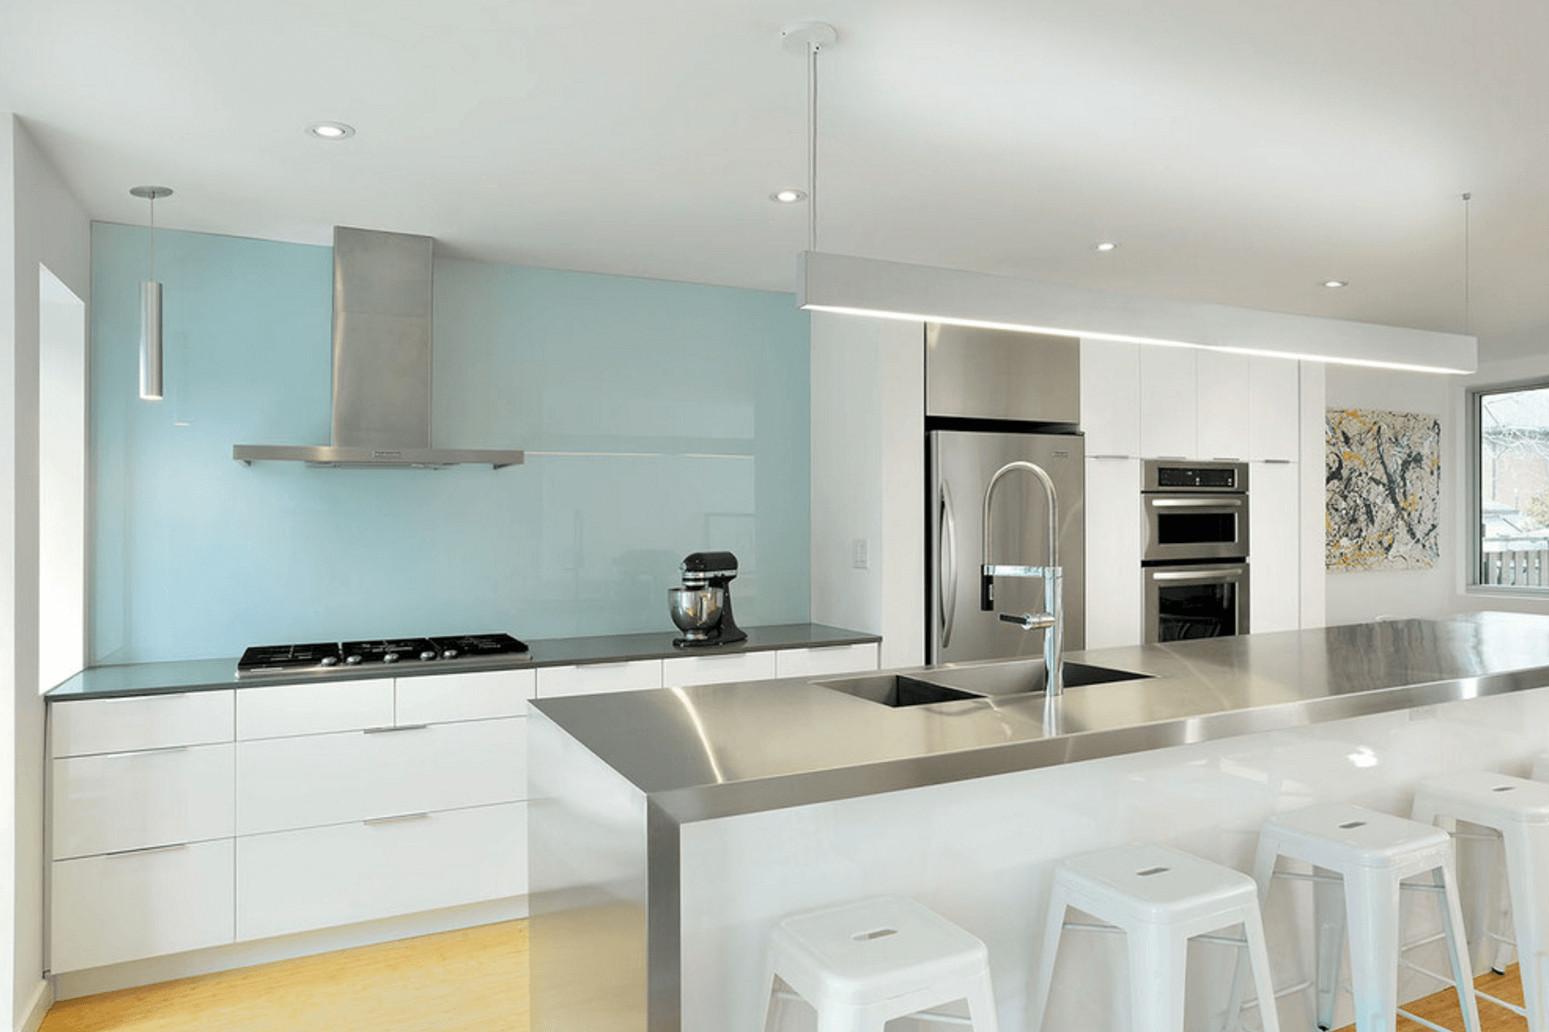 kitchens with grey hardwood floors of 5 ways to redo kitchen backsplash without tearing it out within light blue painted backsplash